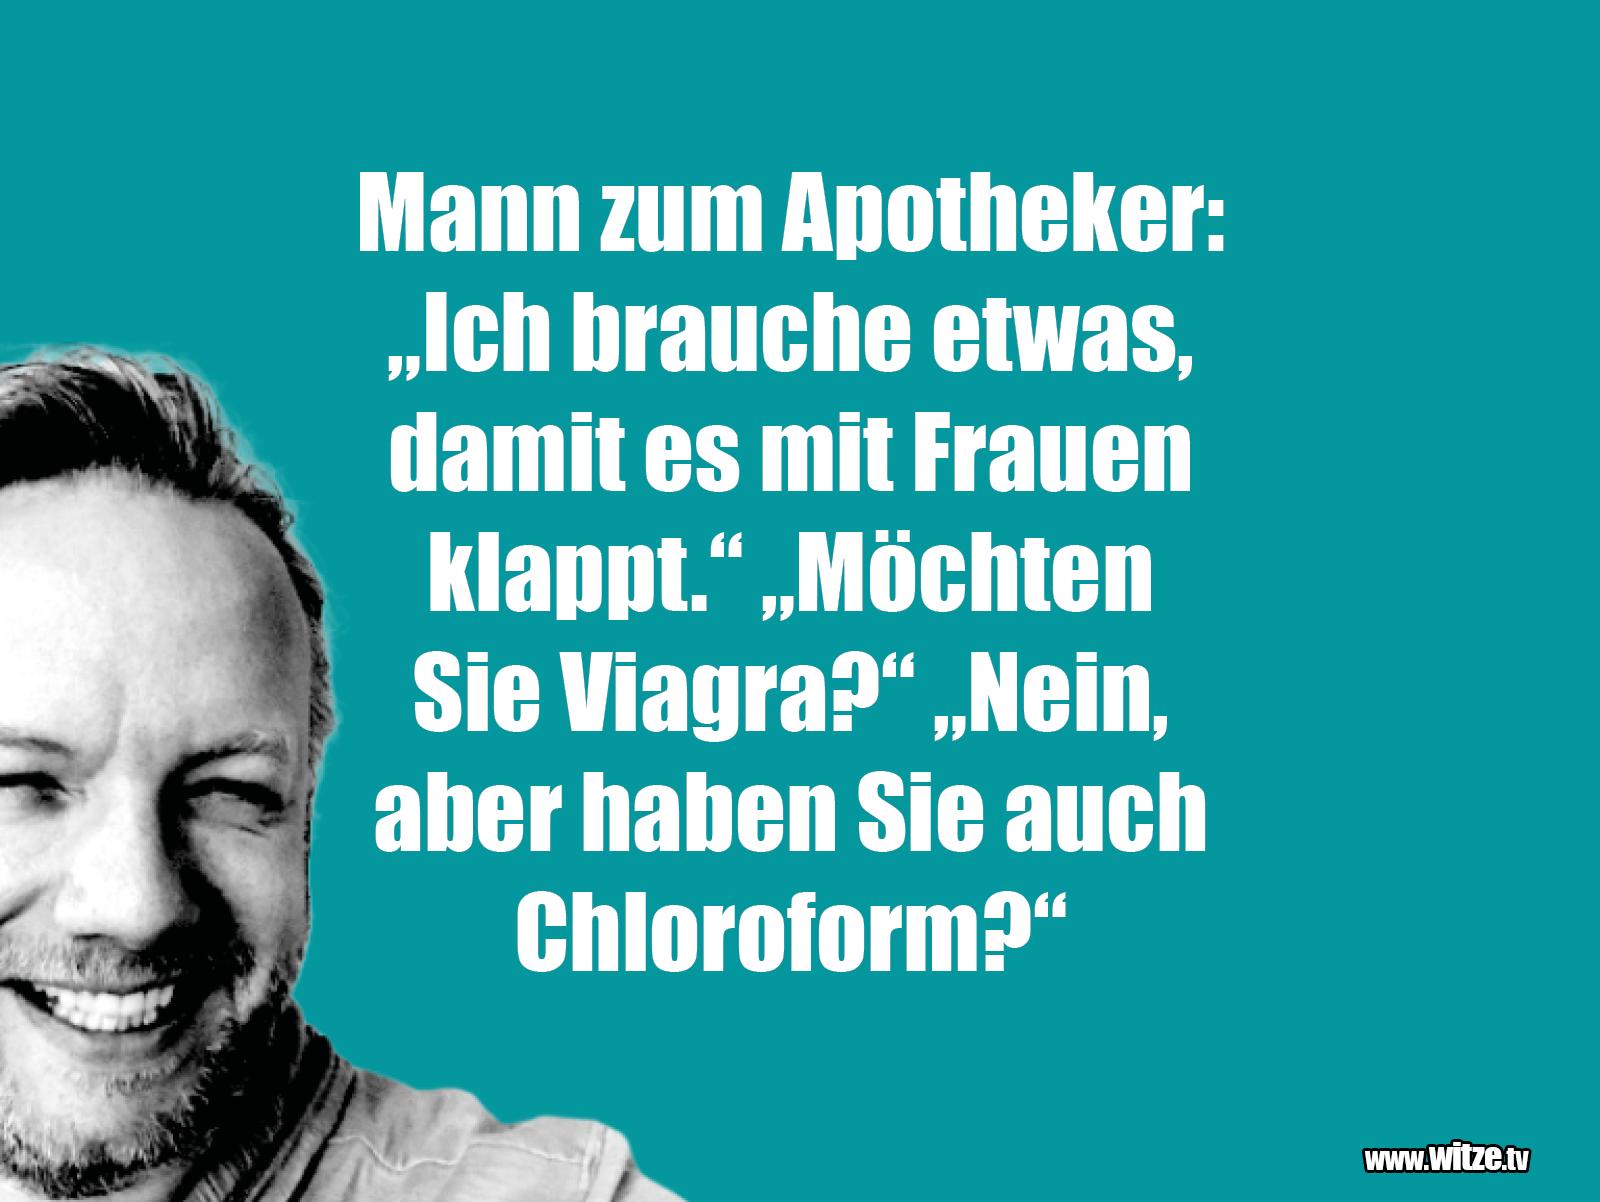 Chloroform Witz